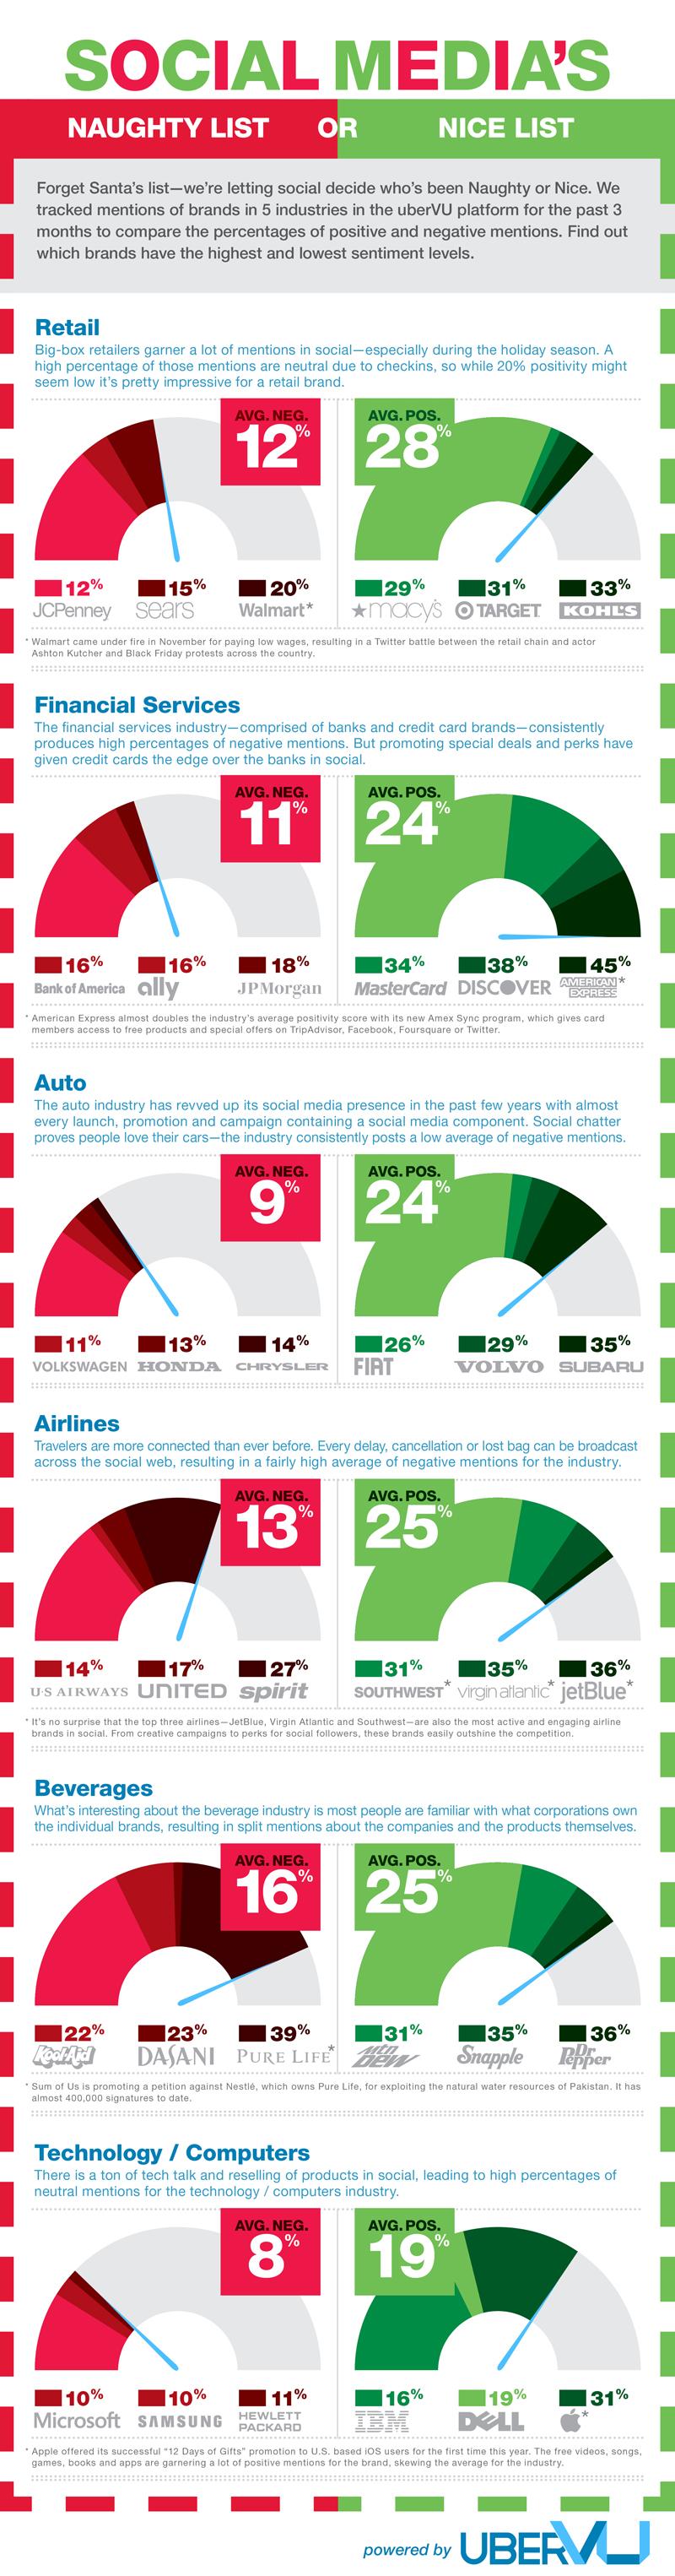 top brands on social media sites